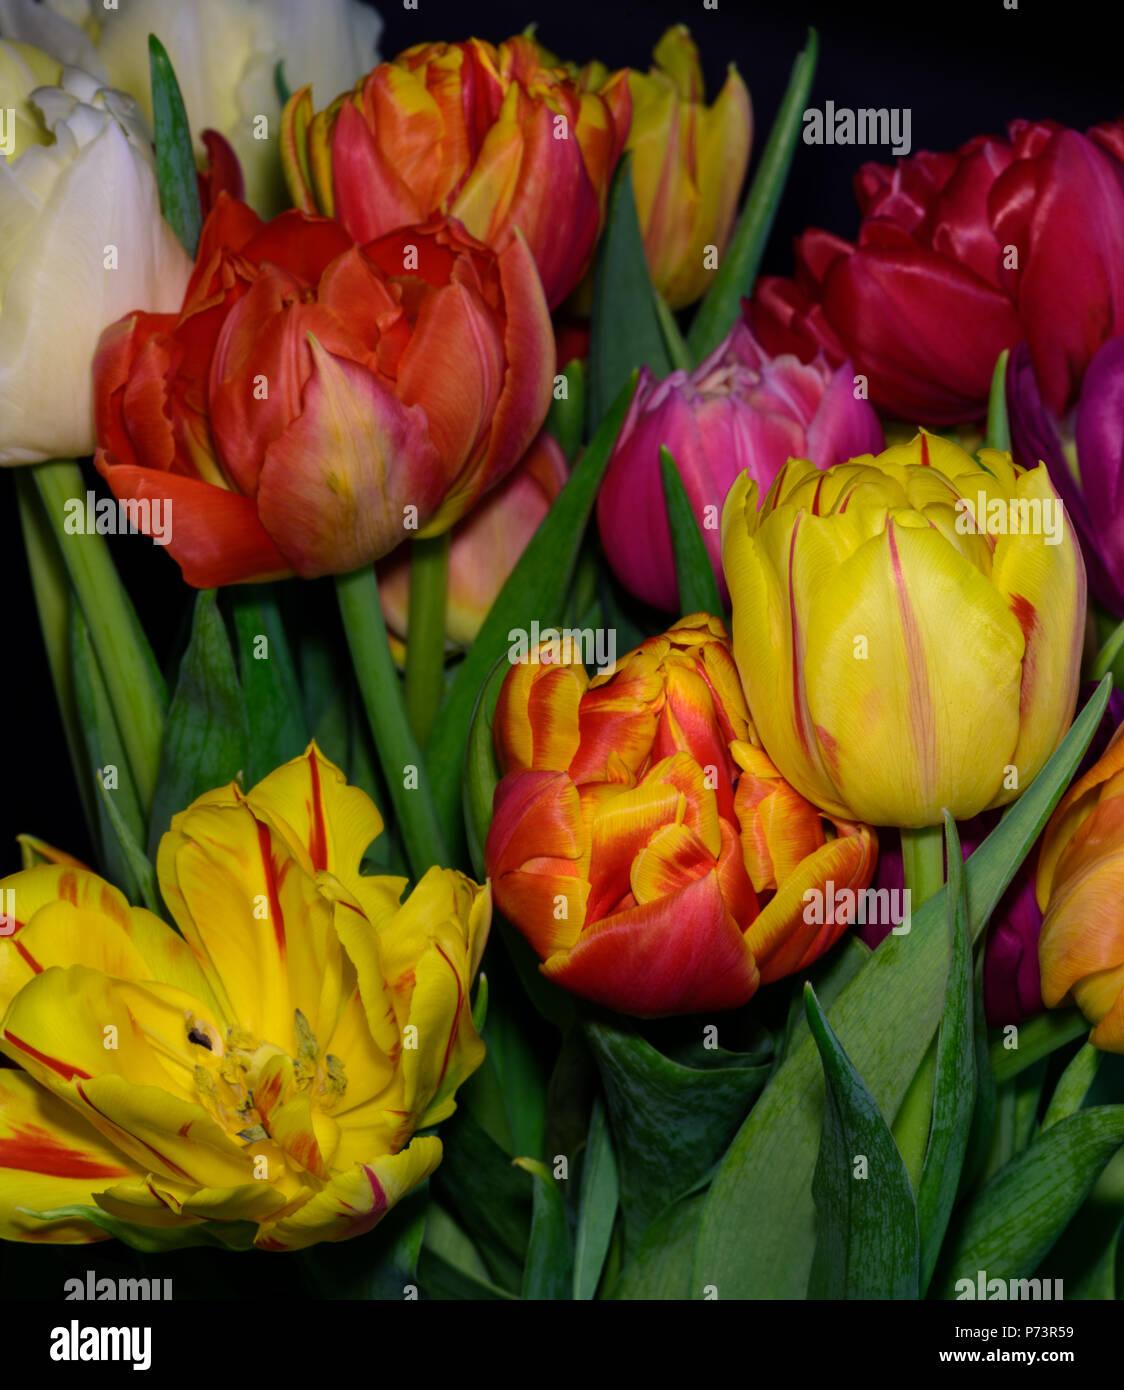 Kunst Blumen Stillleben Blume Makro Einer Blute Tulpe Blume Blumenstrauss Bundel Auf Schwarzen Hintergrund In Lebendigen Naturlichen Farben Rot Rosa Violett Gelb Stockfotografie Alamy